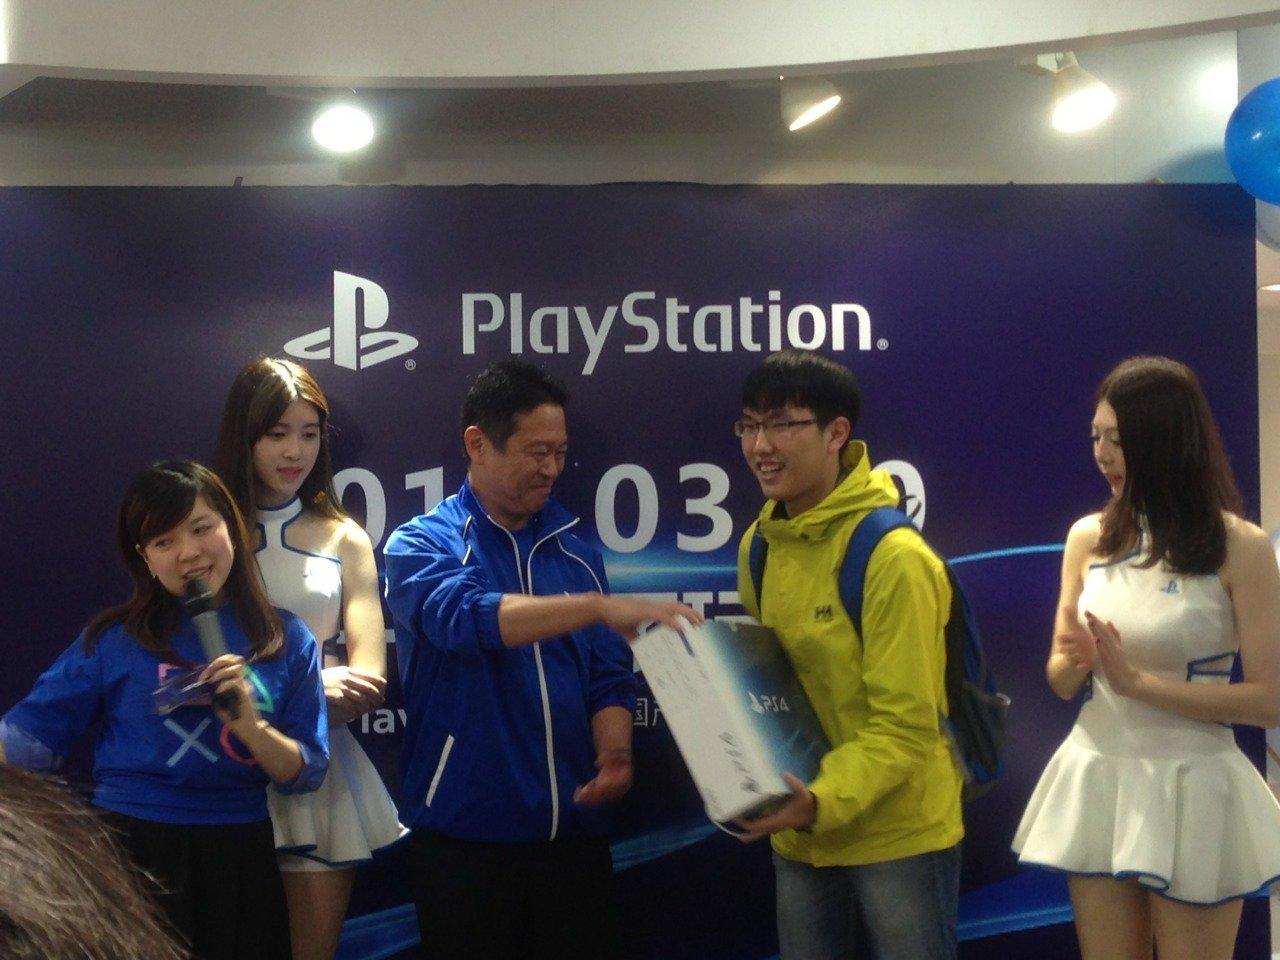 Китайцы встретили PlayStation 4 очередями !!! Долгожданный релиз в Китае !. - Изображение 5